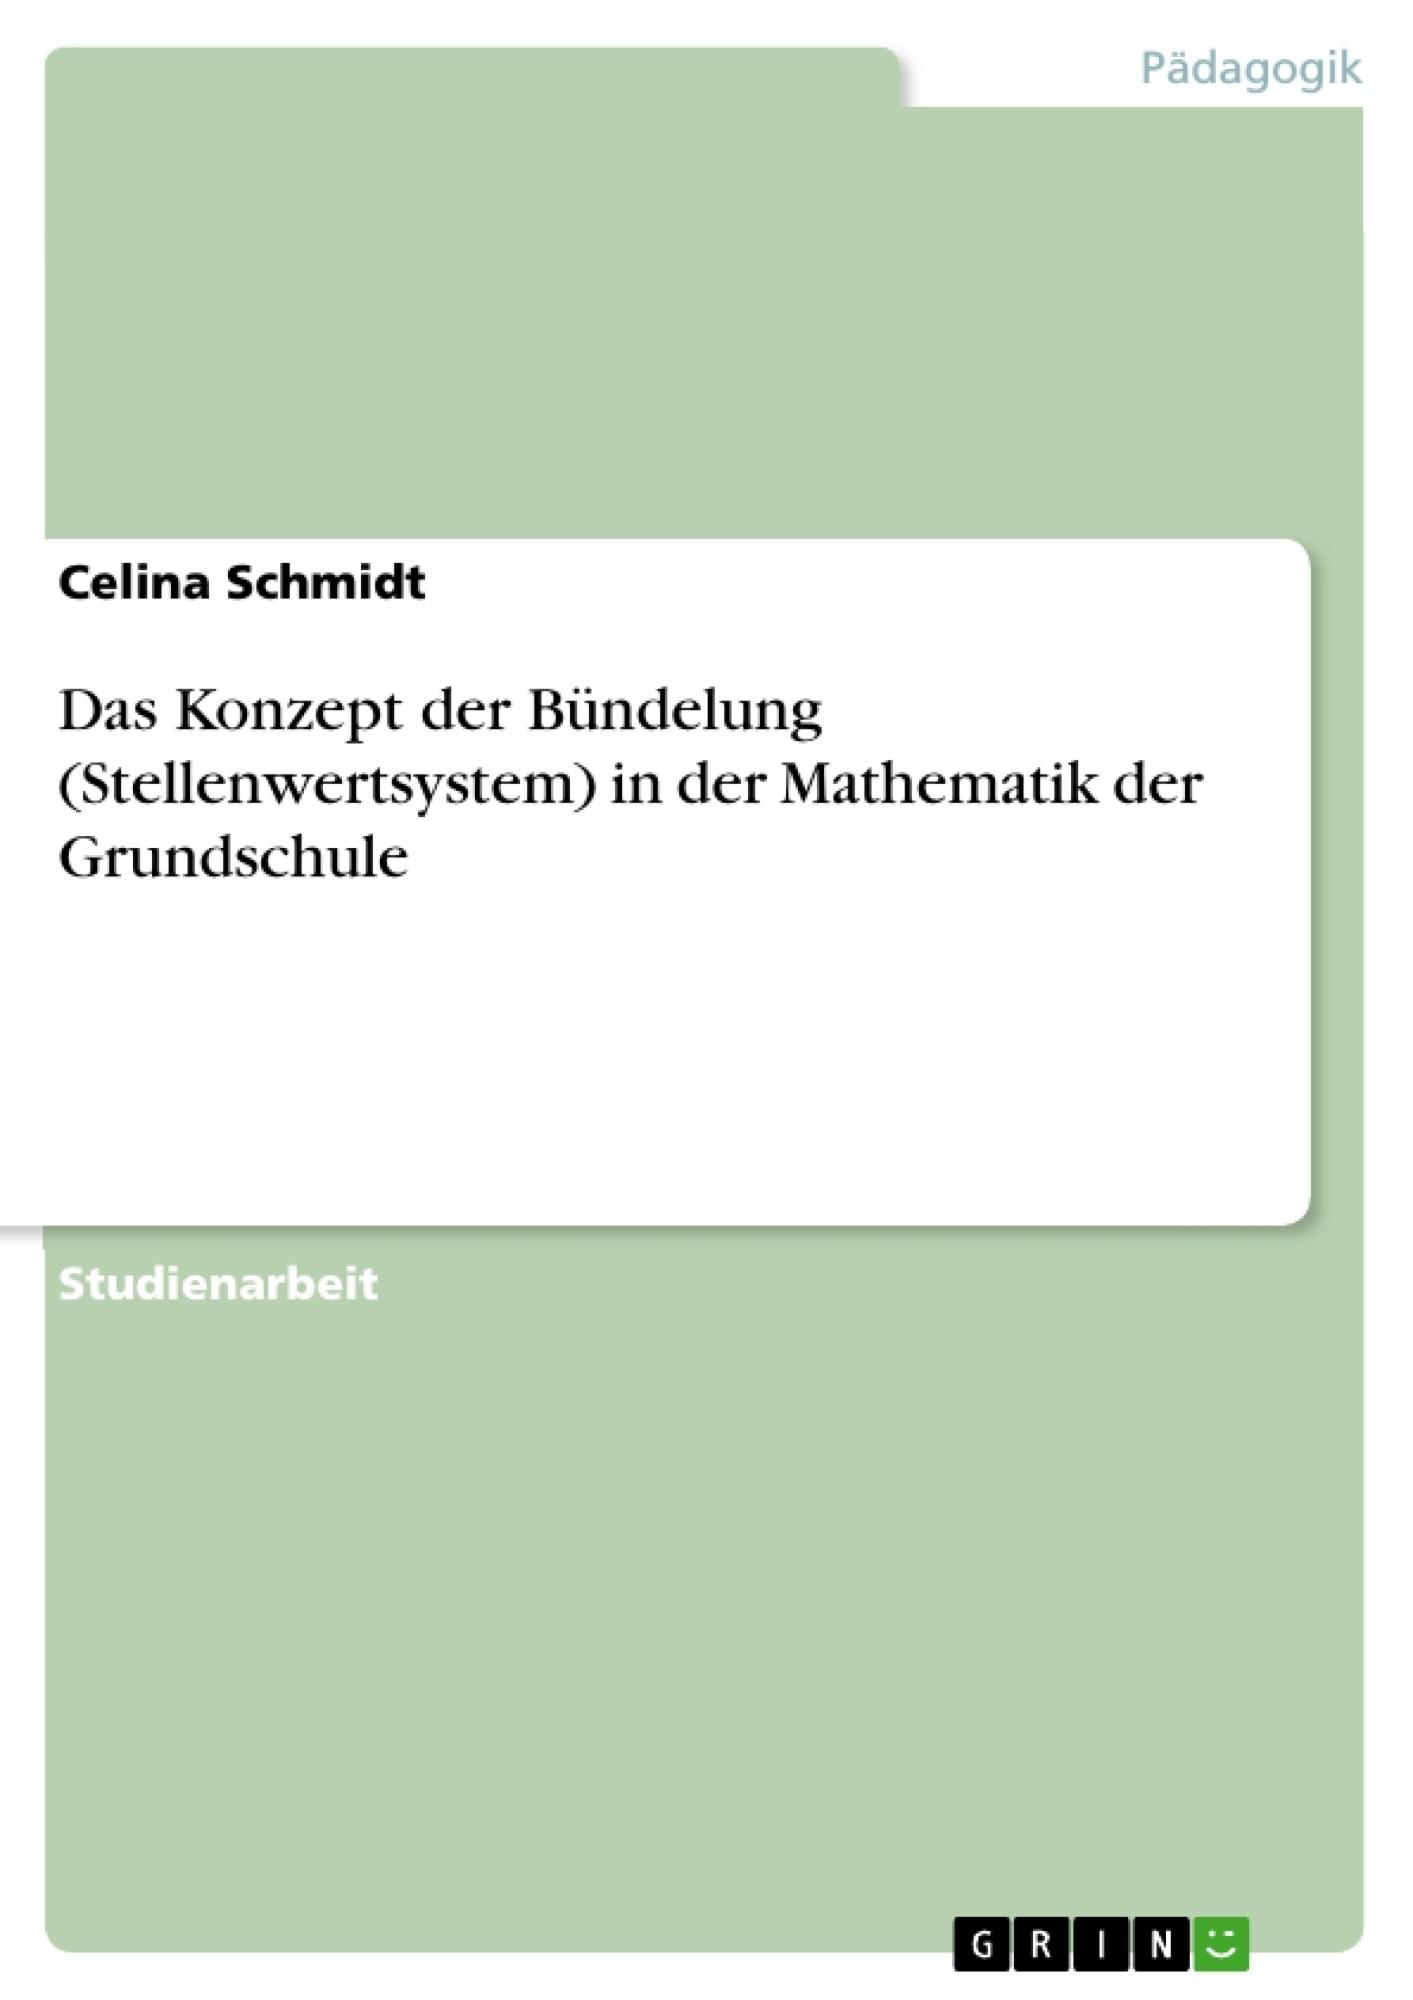 Titel: Das Konzept der Bündelung (Stellenwertsystem) in der Mathematik der Grundschule